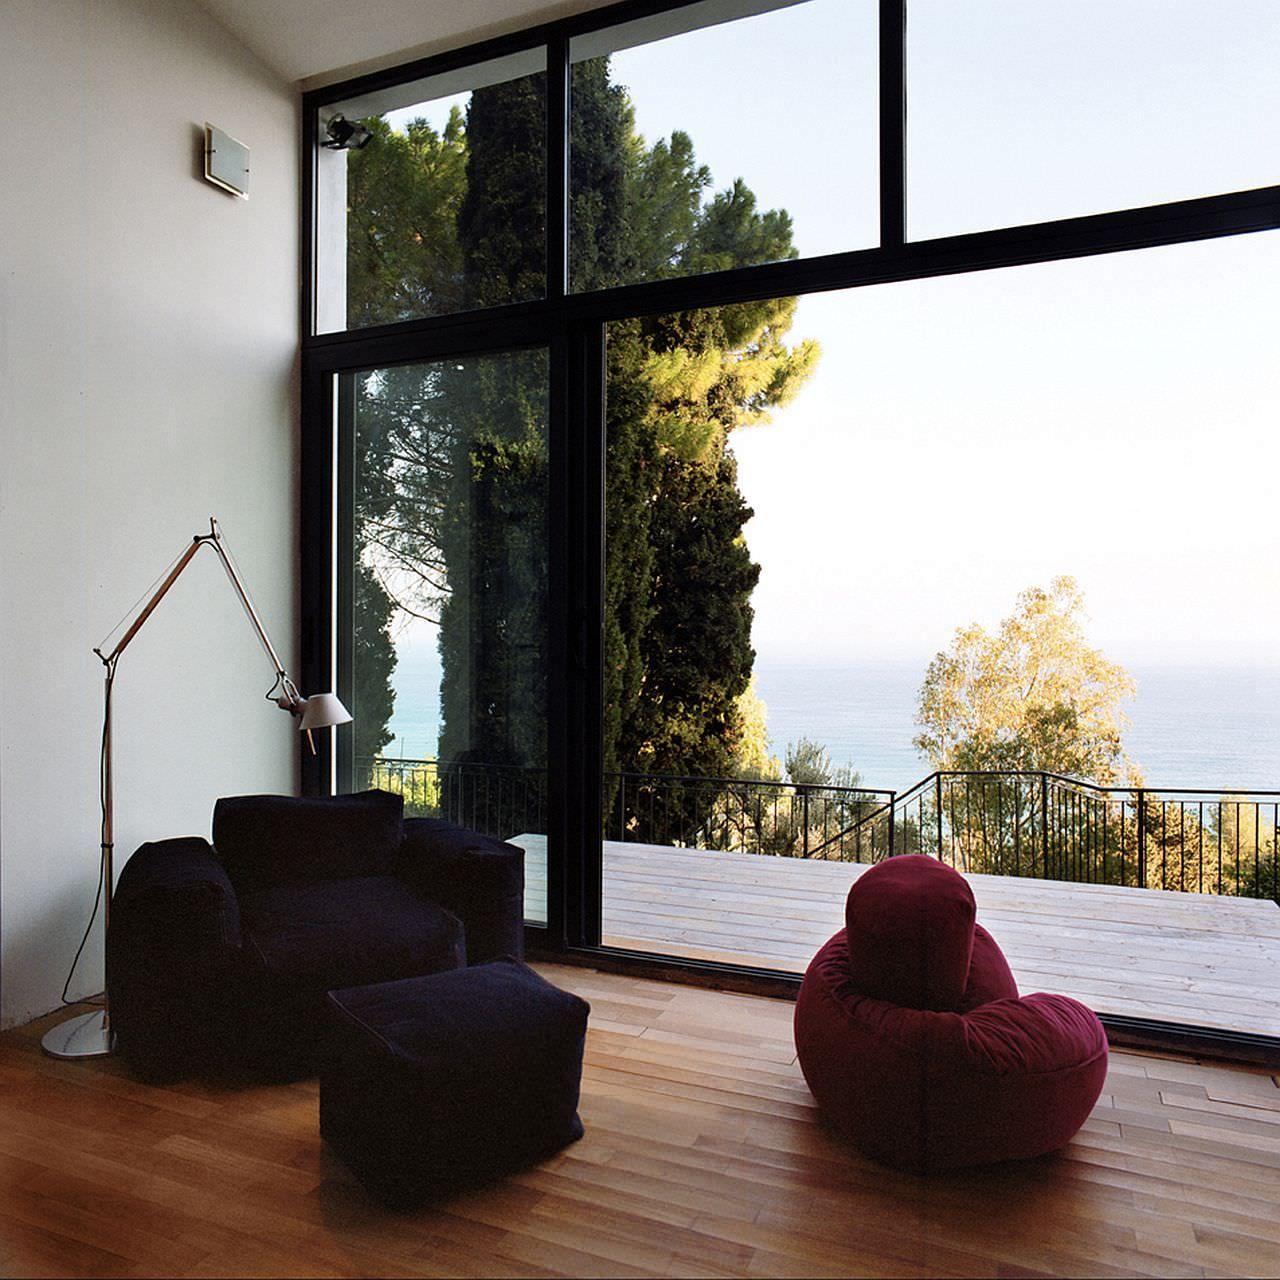 Ristrutturare Appartamento 35 Mq piccola villa di 35 mq a 3 livelli bella e funzionale, stile